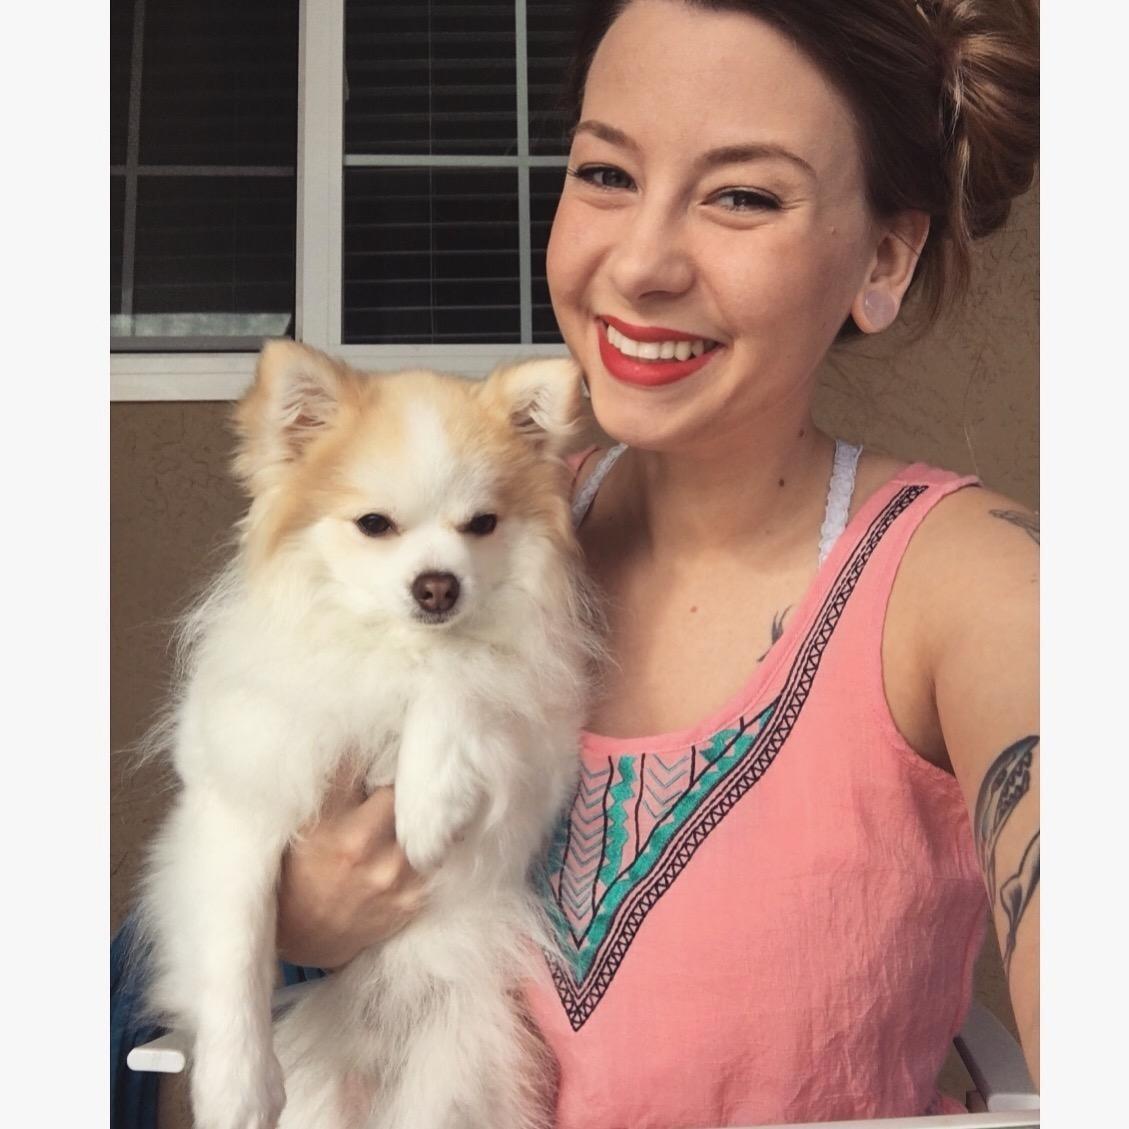 Stephanie's dog boarding